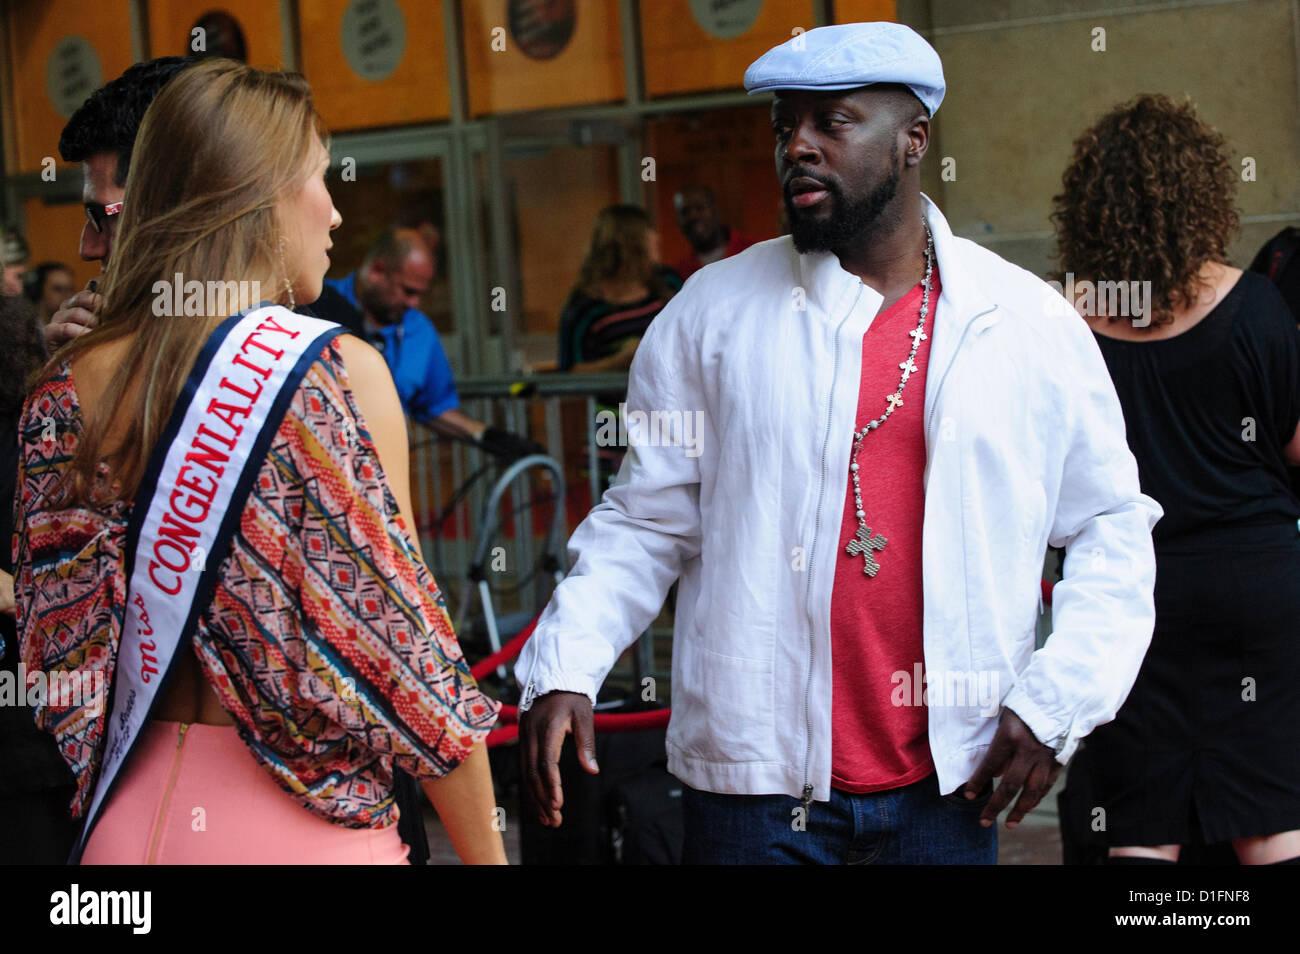 Hatian-kanadische Musiker und Aktivist Wyclef Jean besucht die Ryerson University Theatre während 2012 Toronto Stockbild